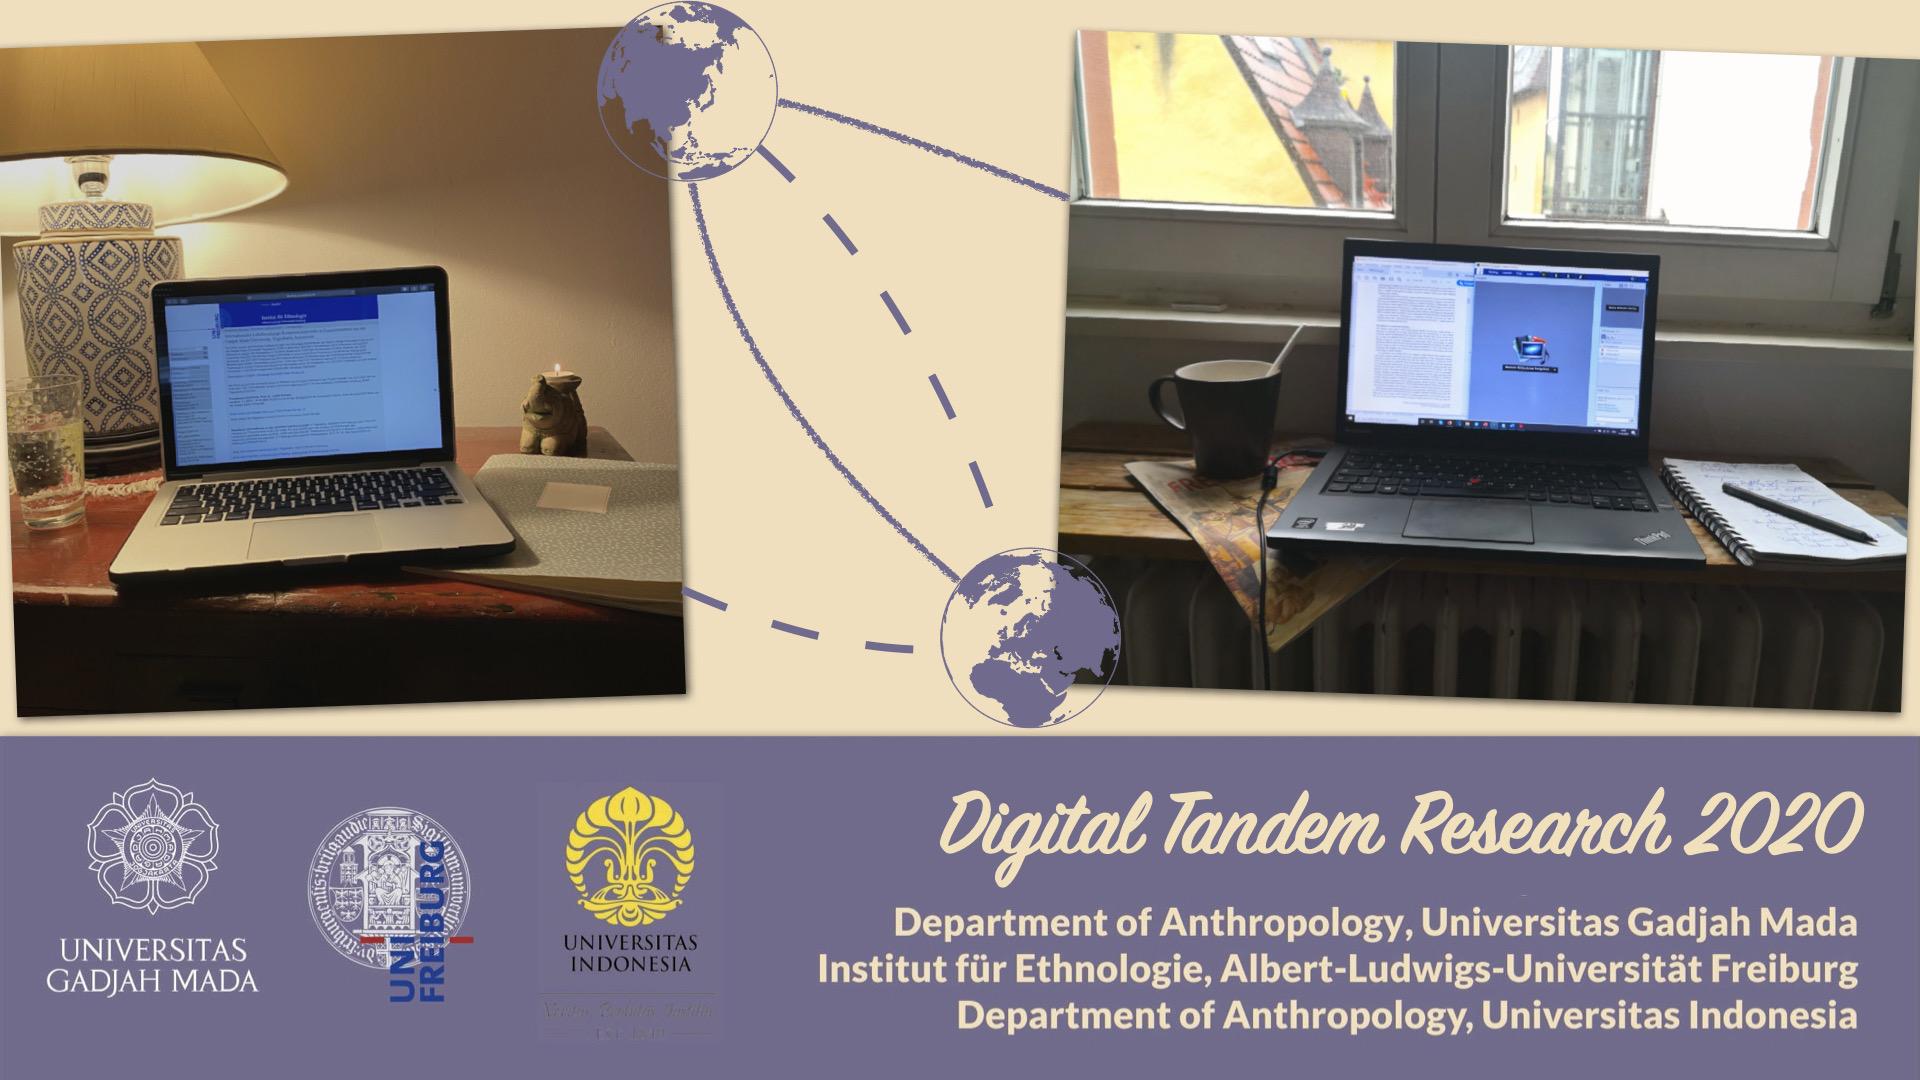 Digital Tandem Research